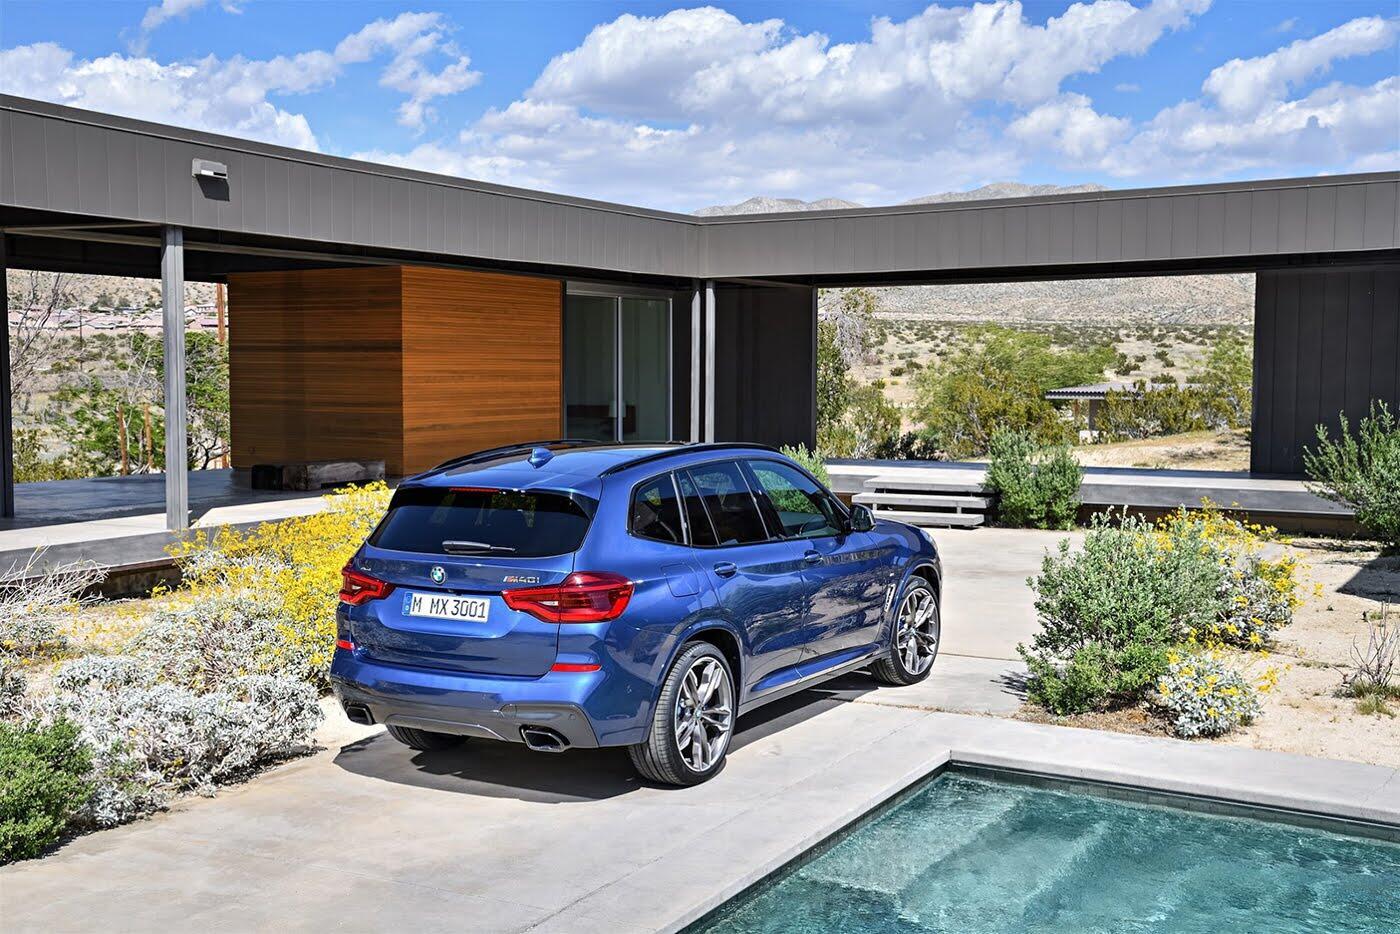 BMW X3 2018 chính thức trình làng, thêm nhiều trang bị mới - Hình 4